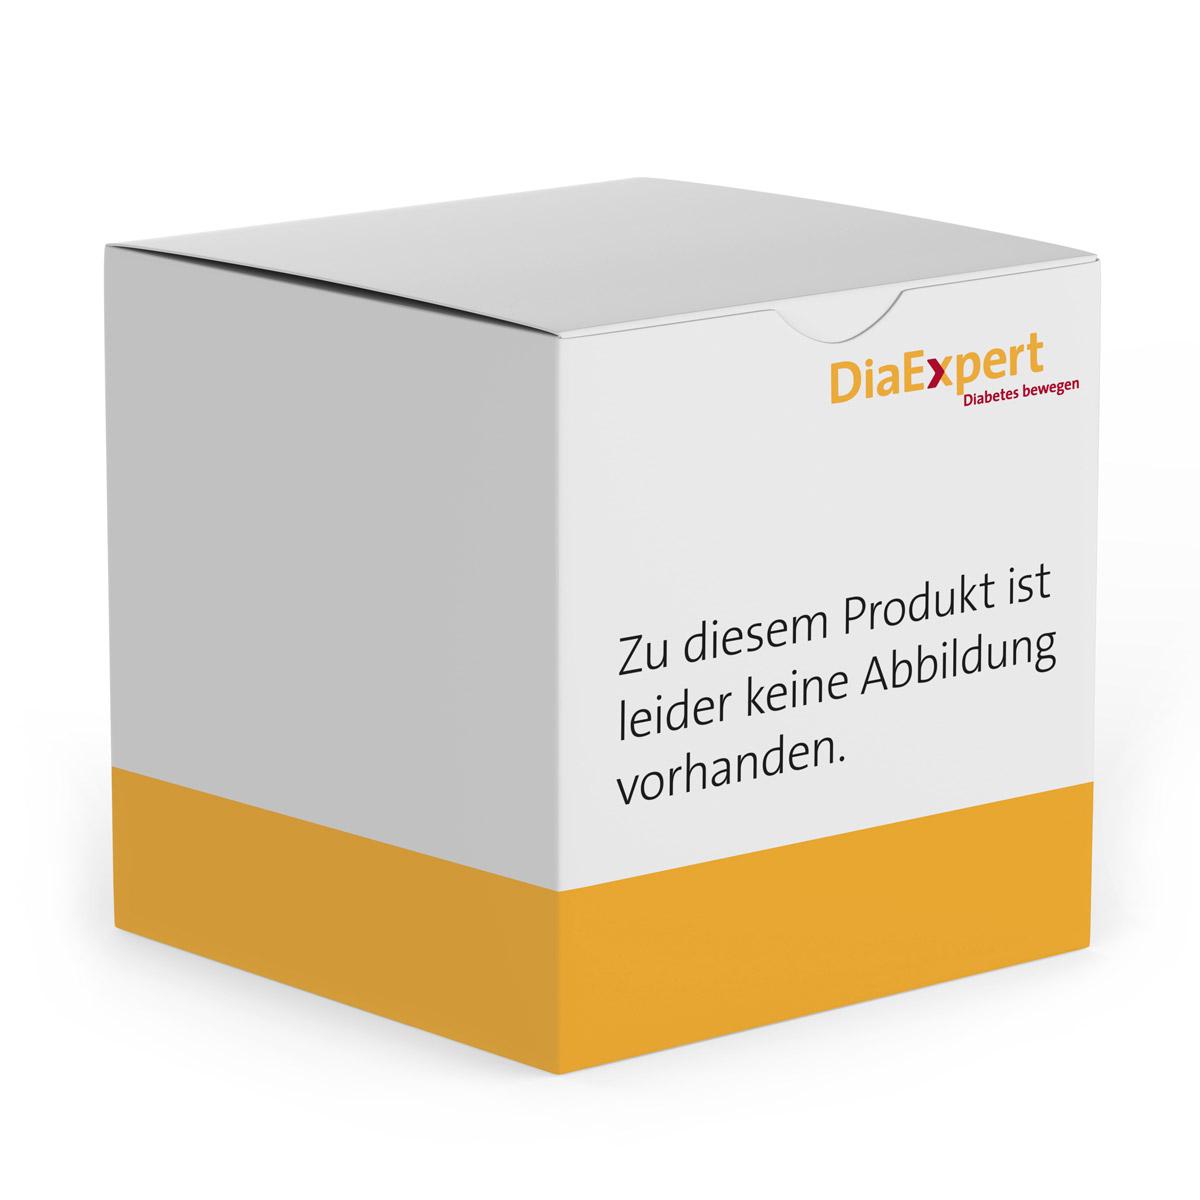 Accu-Chek Softclix Lanzettengerät, schwarz inkl. 25 Lanzetten